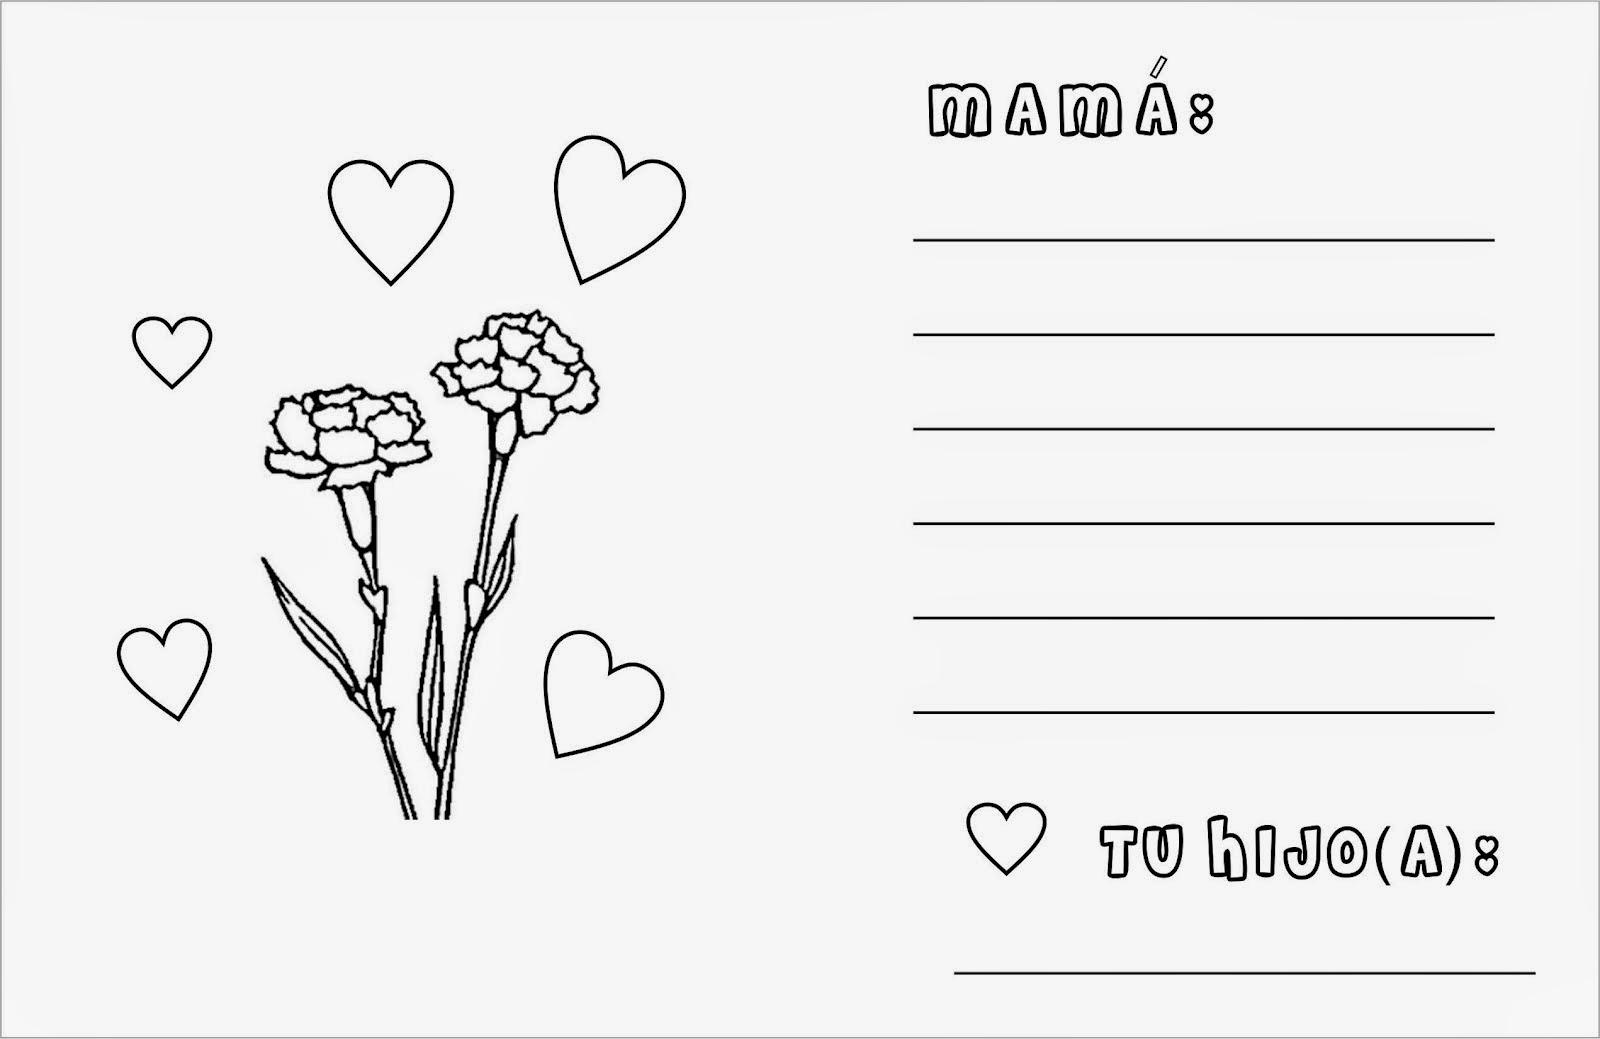 Banco De Imagenes Y Fotos Gratis: Dibujos Dia De La Madre